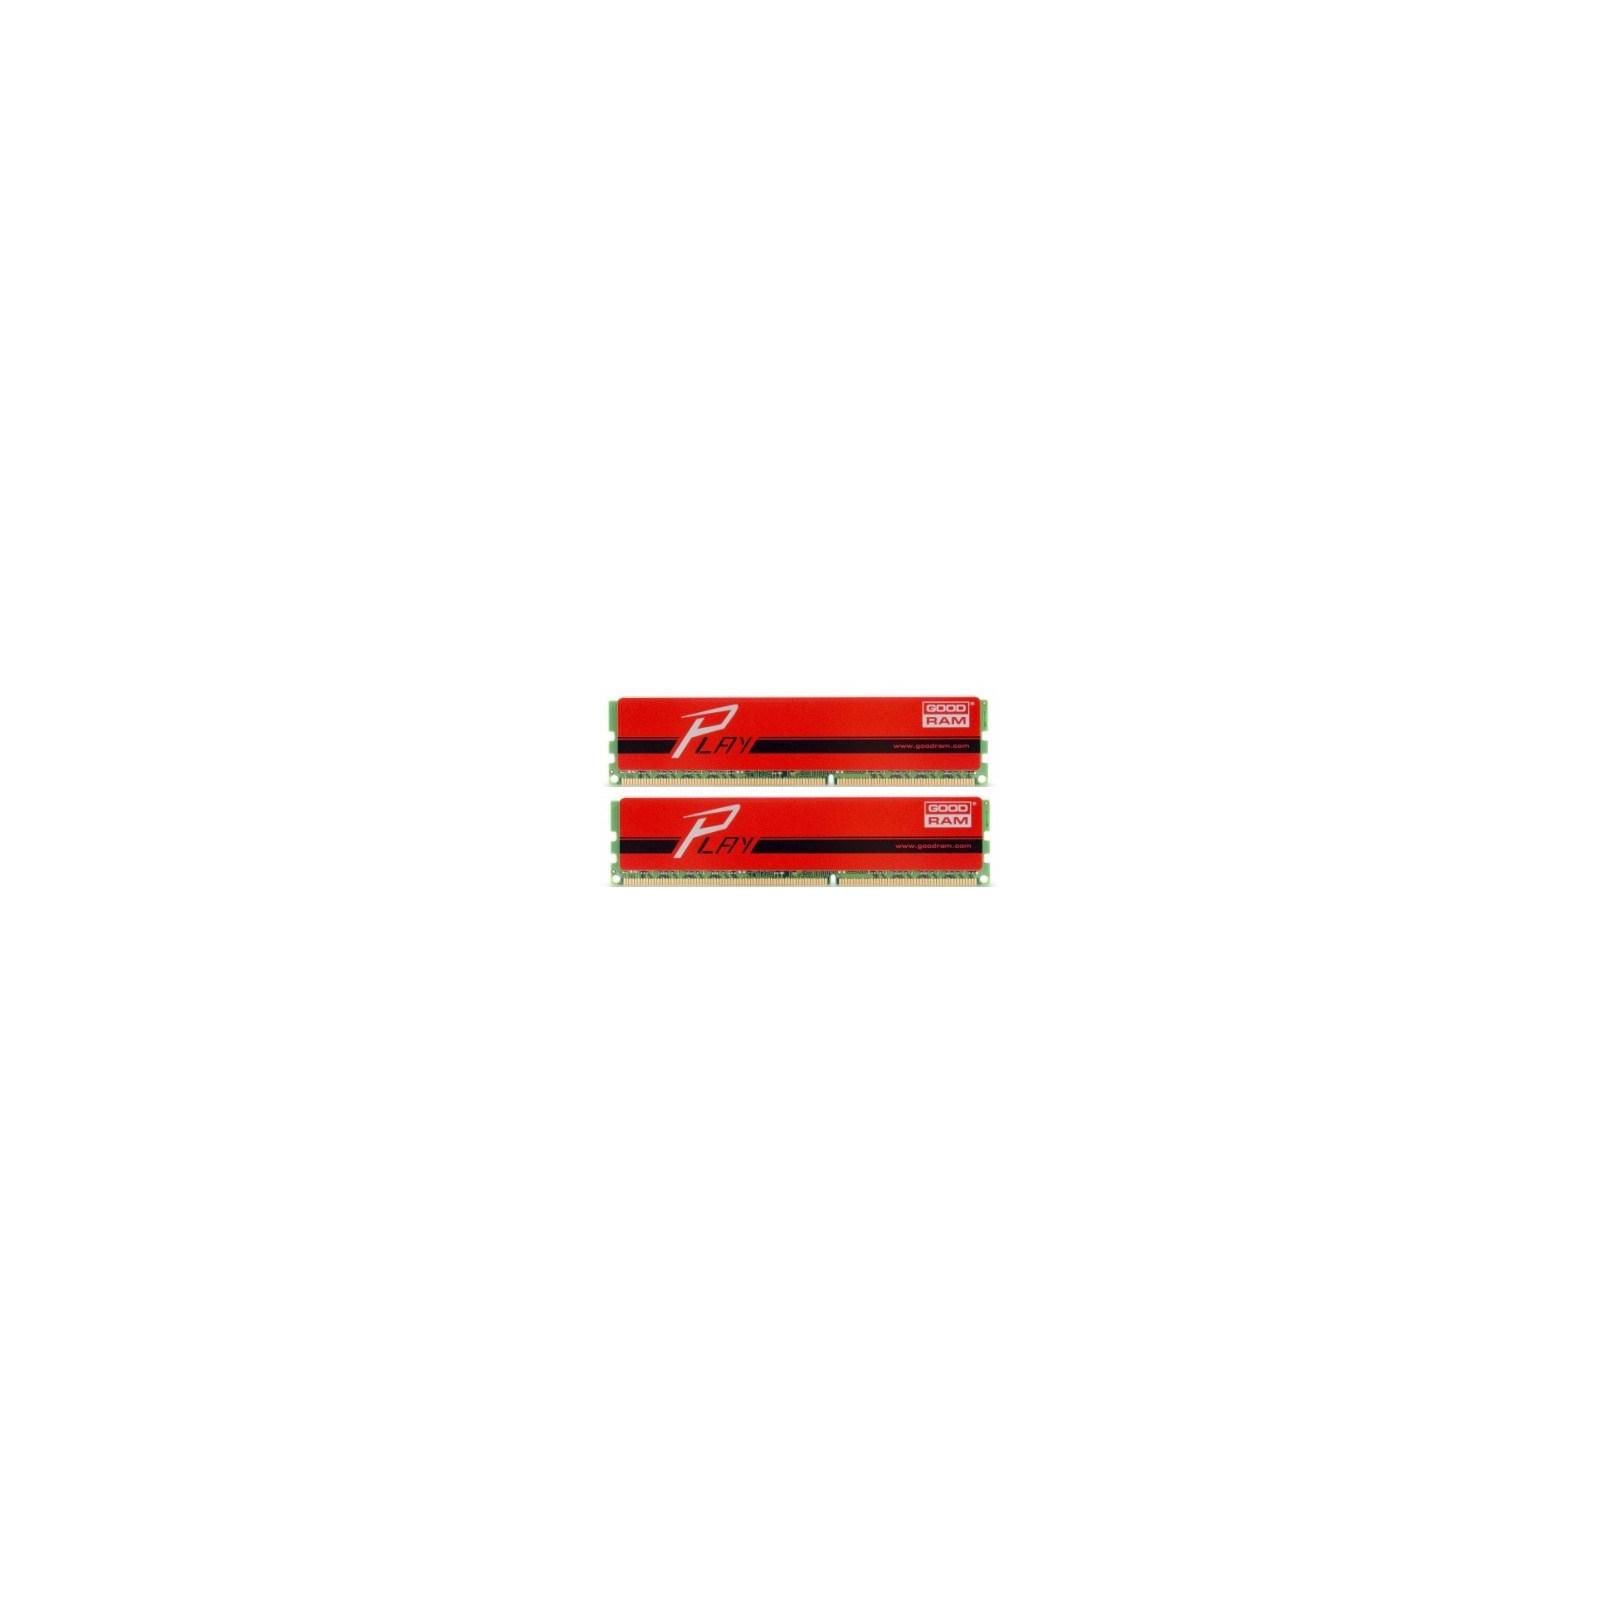 Модуль памяти для компьютера DDR3 16GB (2x8GB) 1600 MHz GOODRAM (GYR1600D364L10/16GDC)